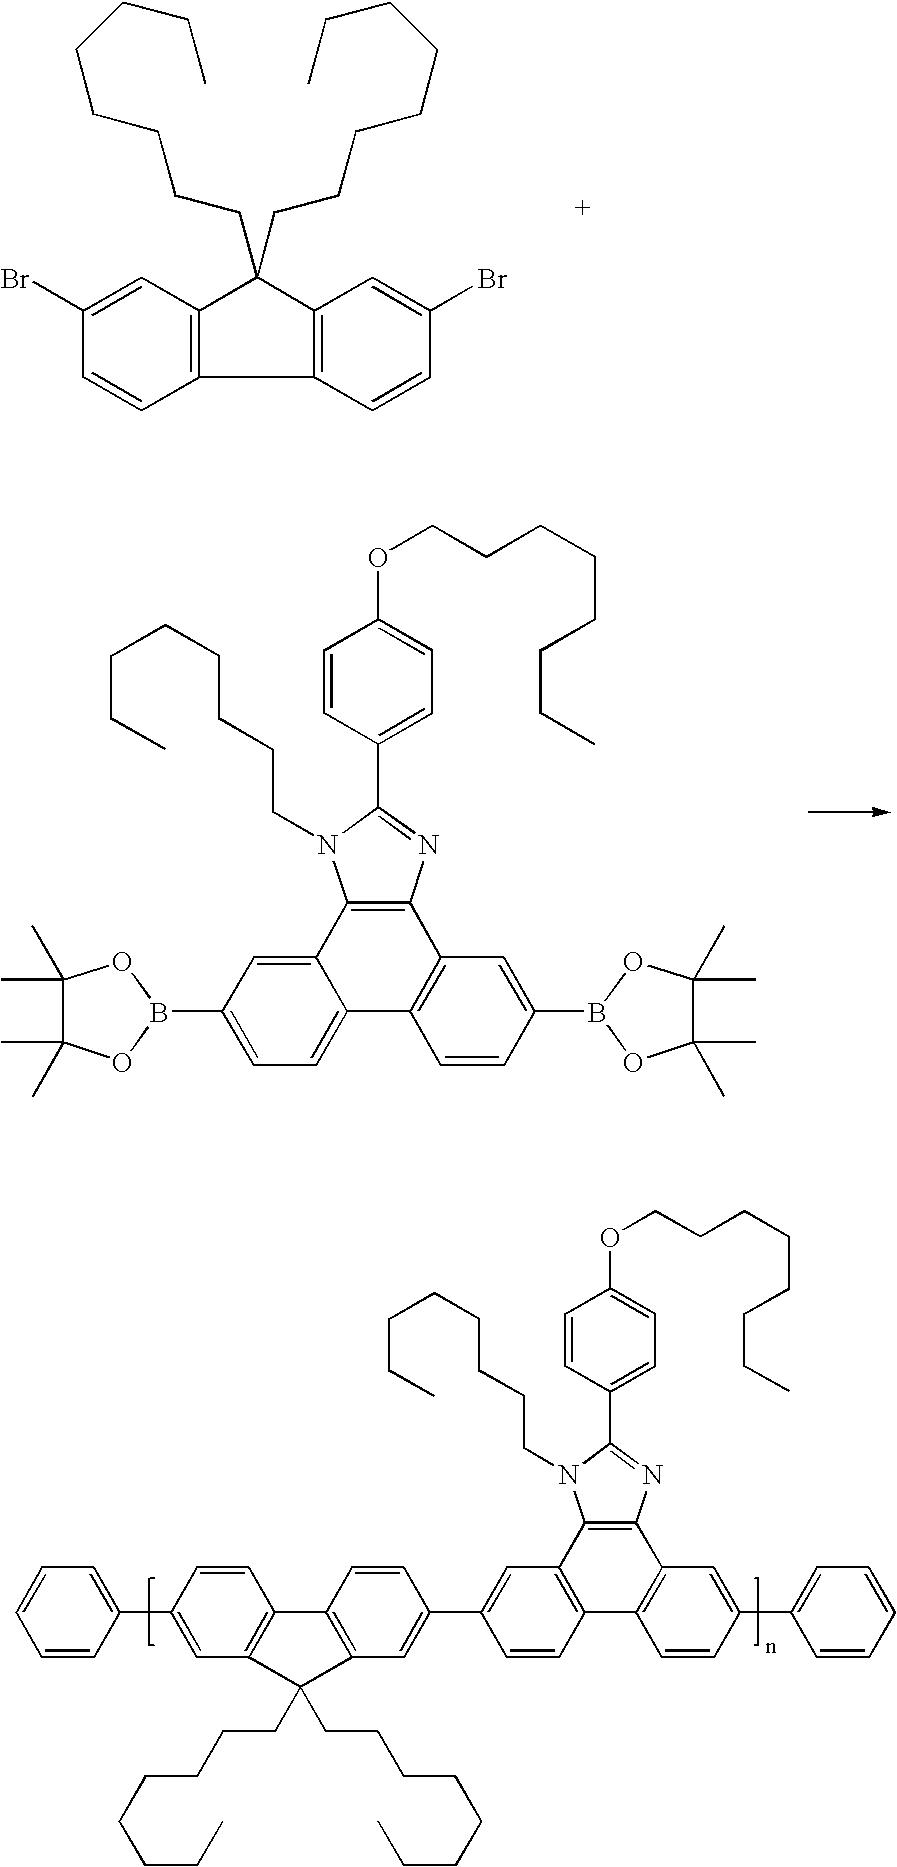 Figure US20090105447A1-20090423-C00225